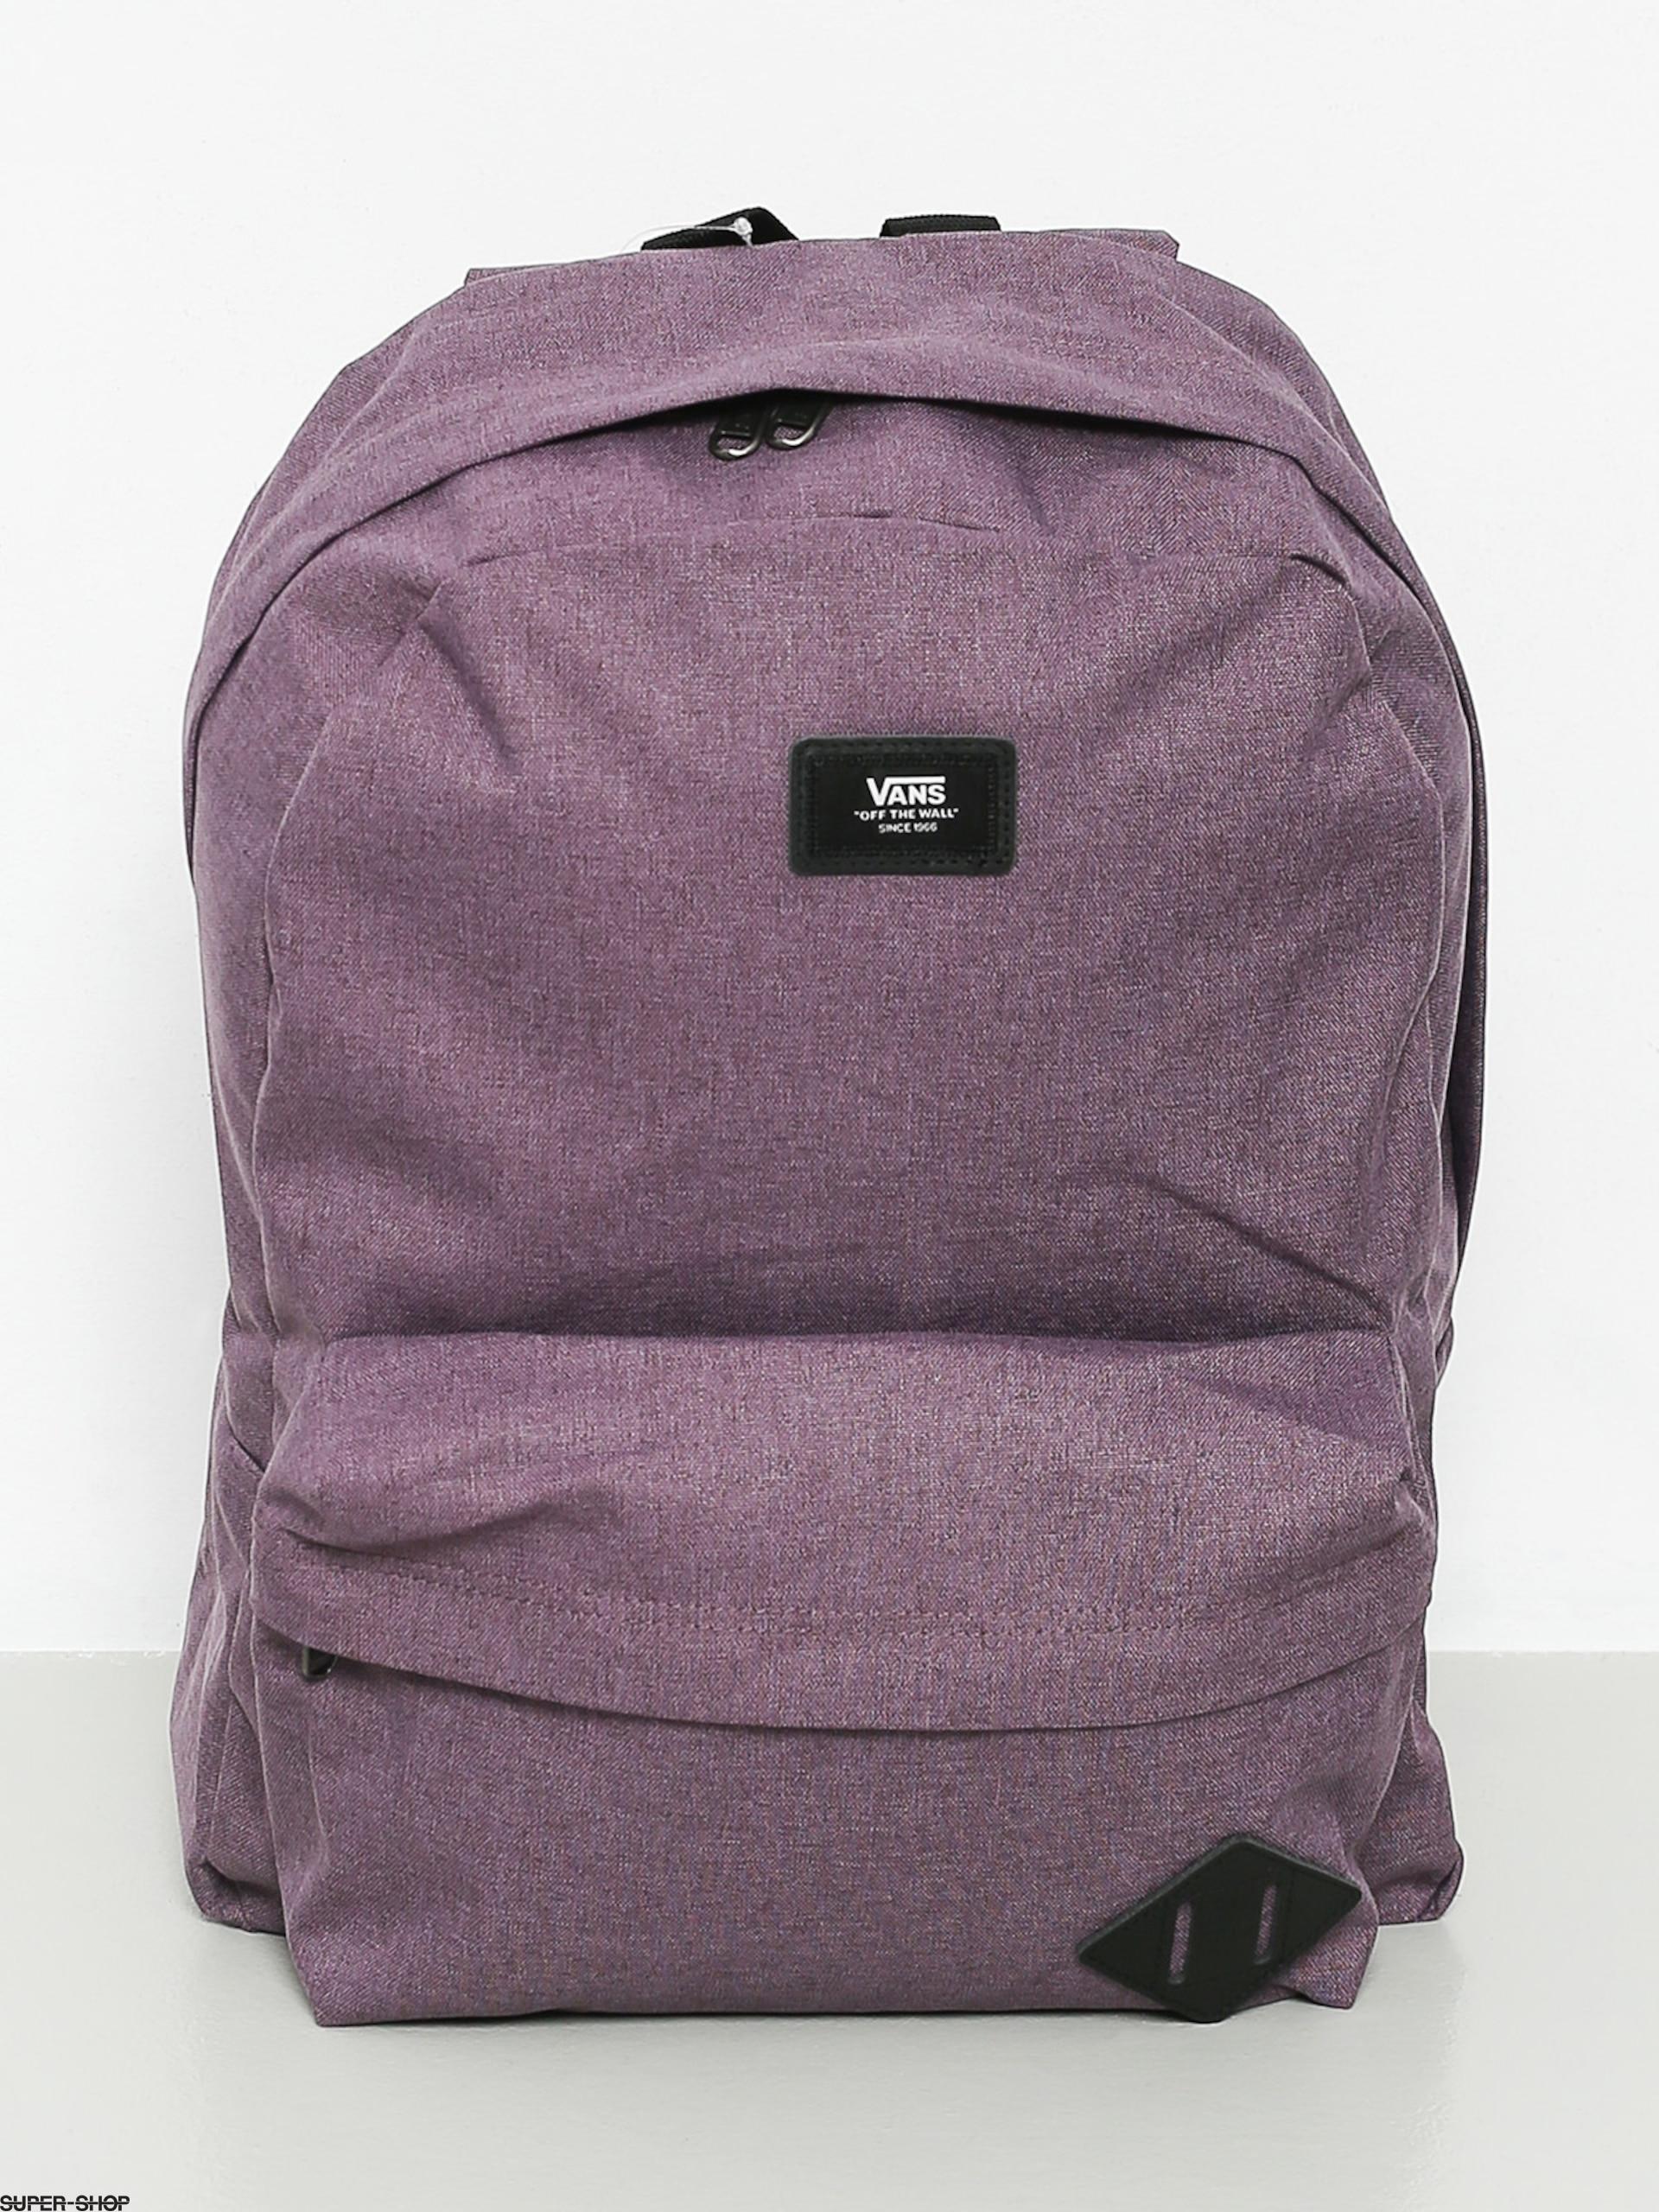 81d8e36acc686 1015349-w1920-vans-old-skool-ii-backpack-black.jpg